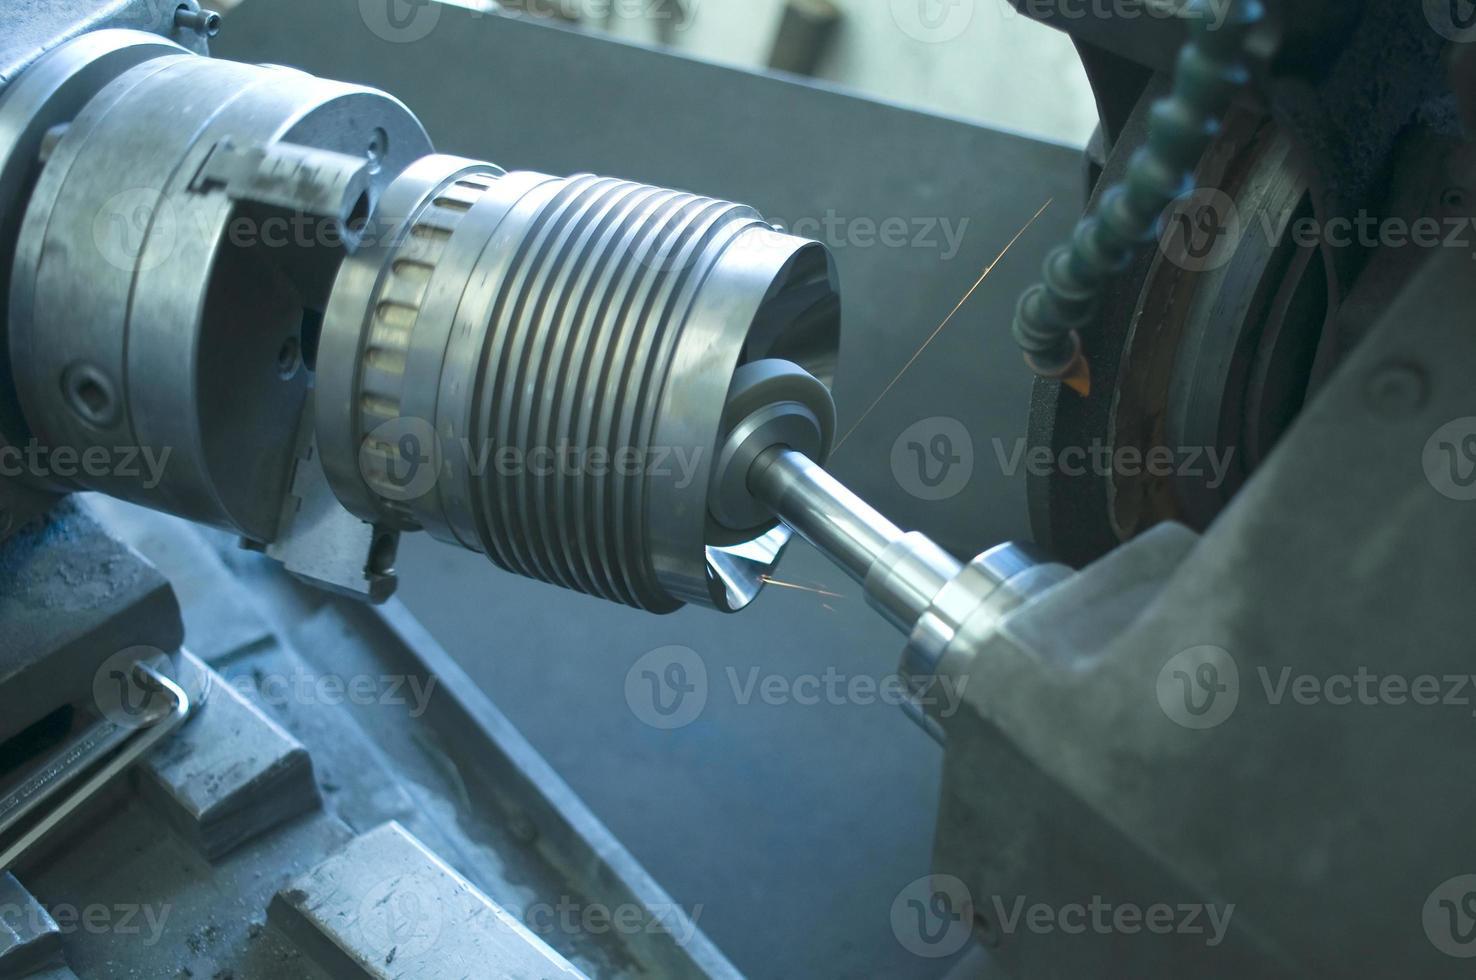 Bearbeitung von Drehmaschinen zum Drehen von Stahl in einer Produktionsanlage foto